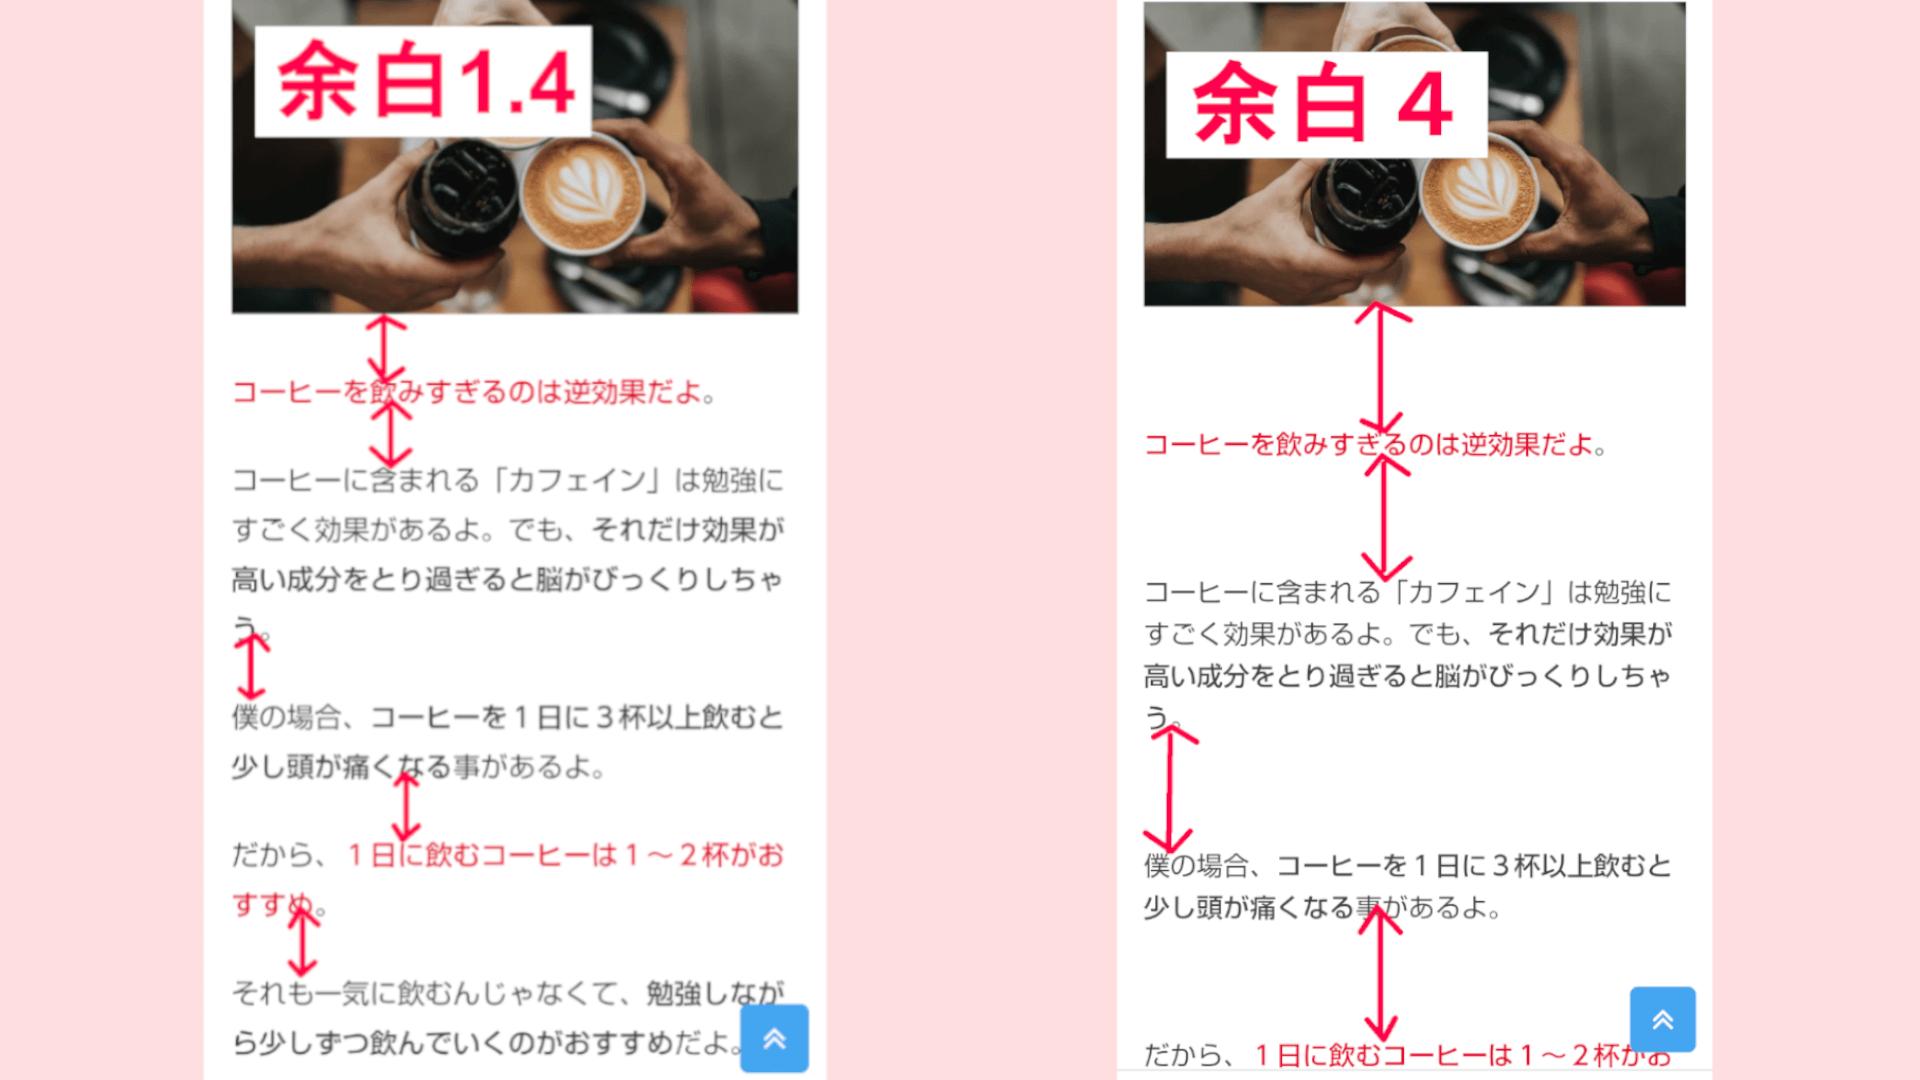 『ブログカスタマイズ』の関連記事